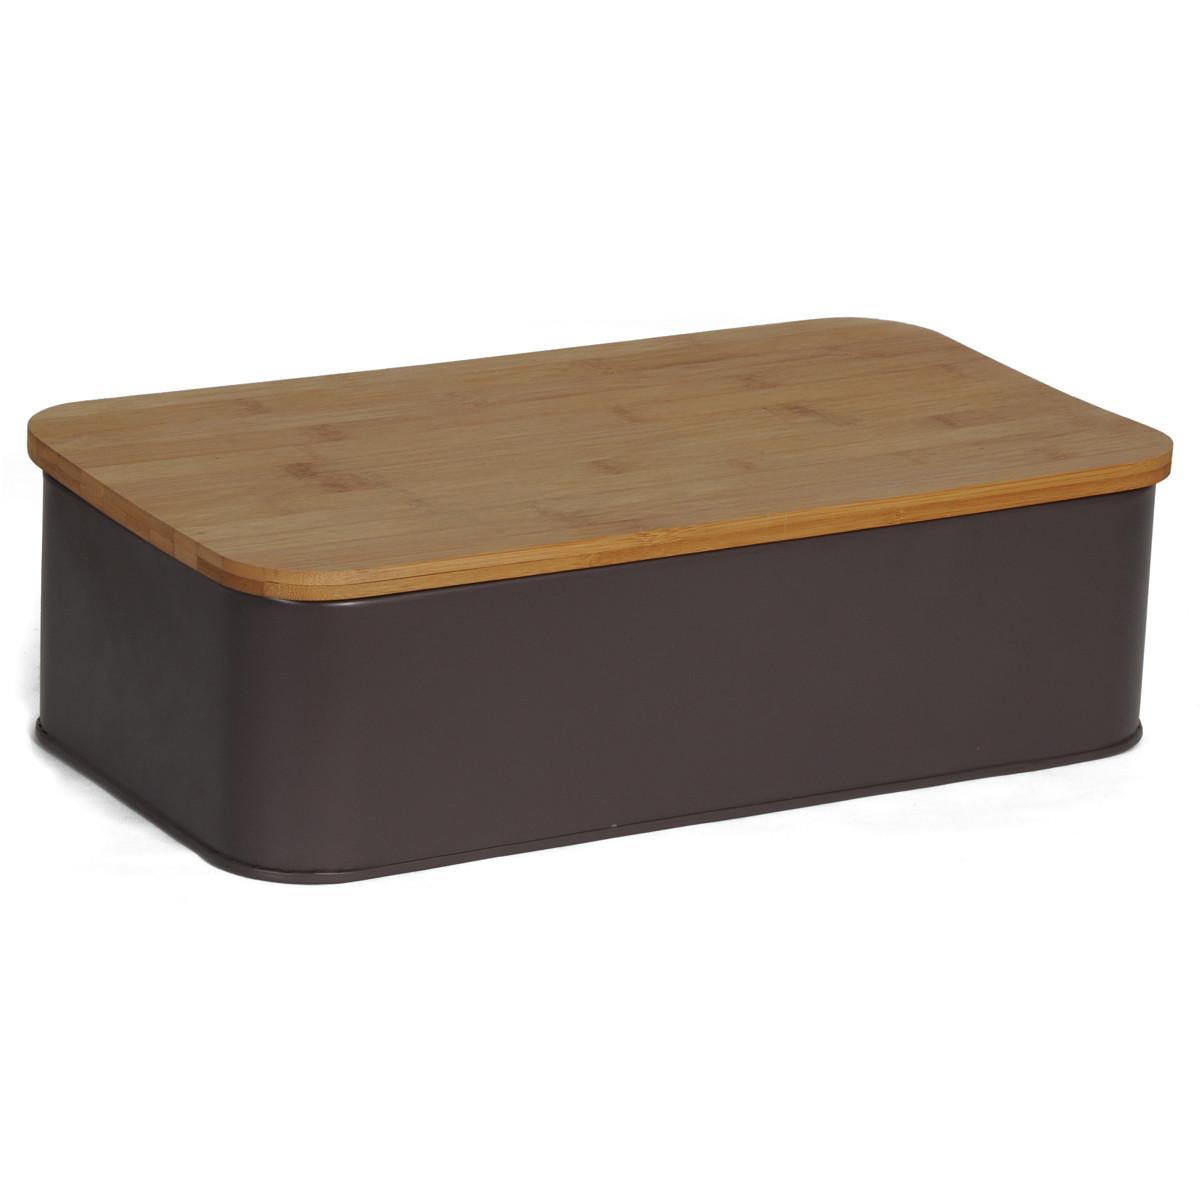 Ψωμιέρα εstia Matte Purple 01-3623 home   κουζίνα   τραπεζαρία   επιτραπέζια είδη